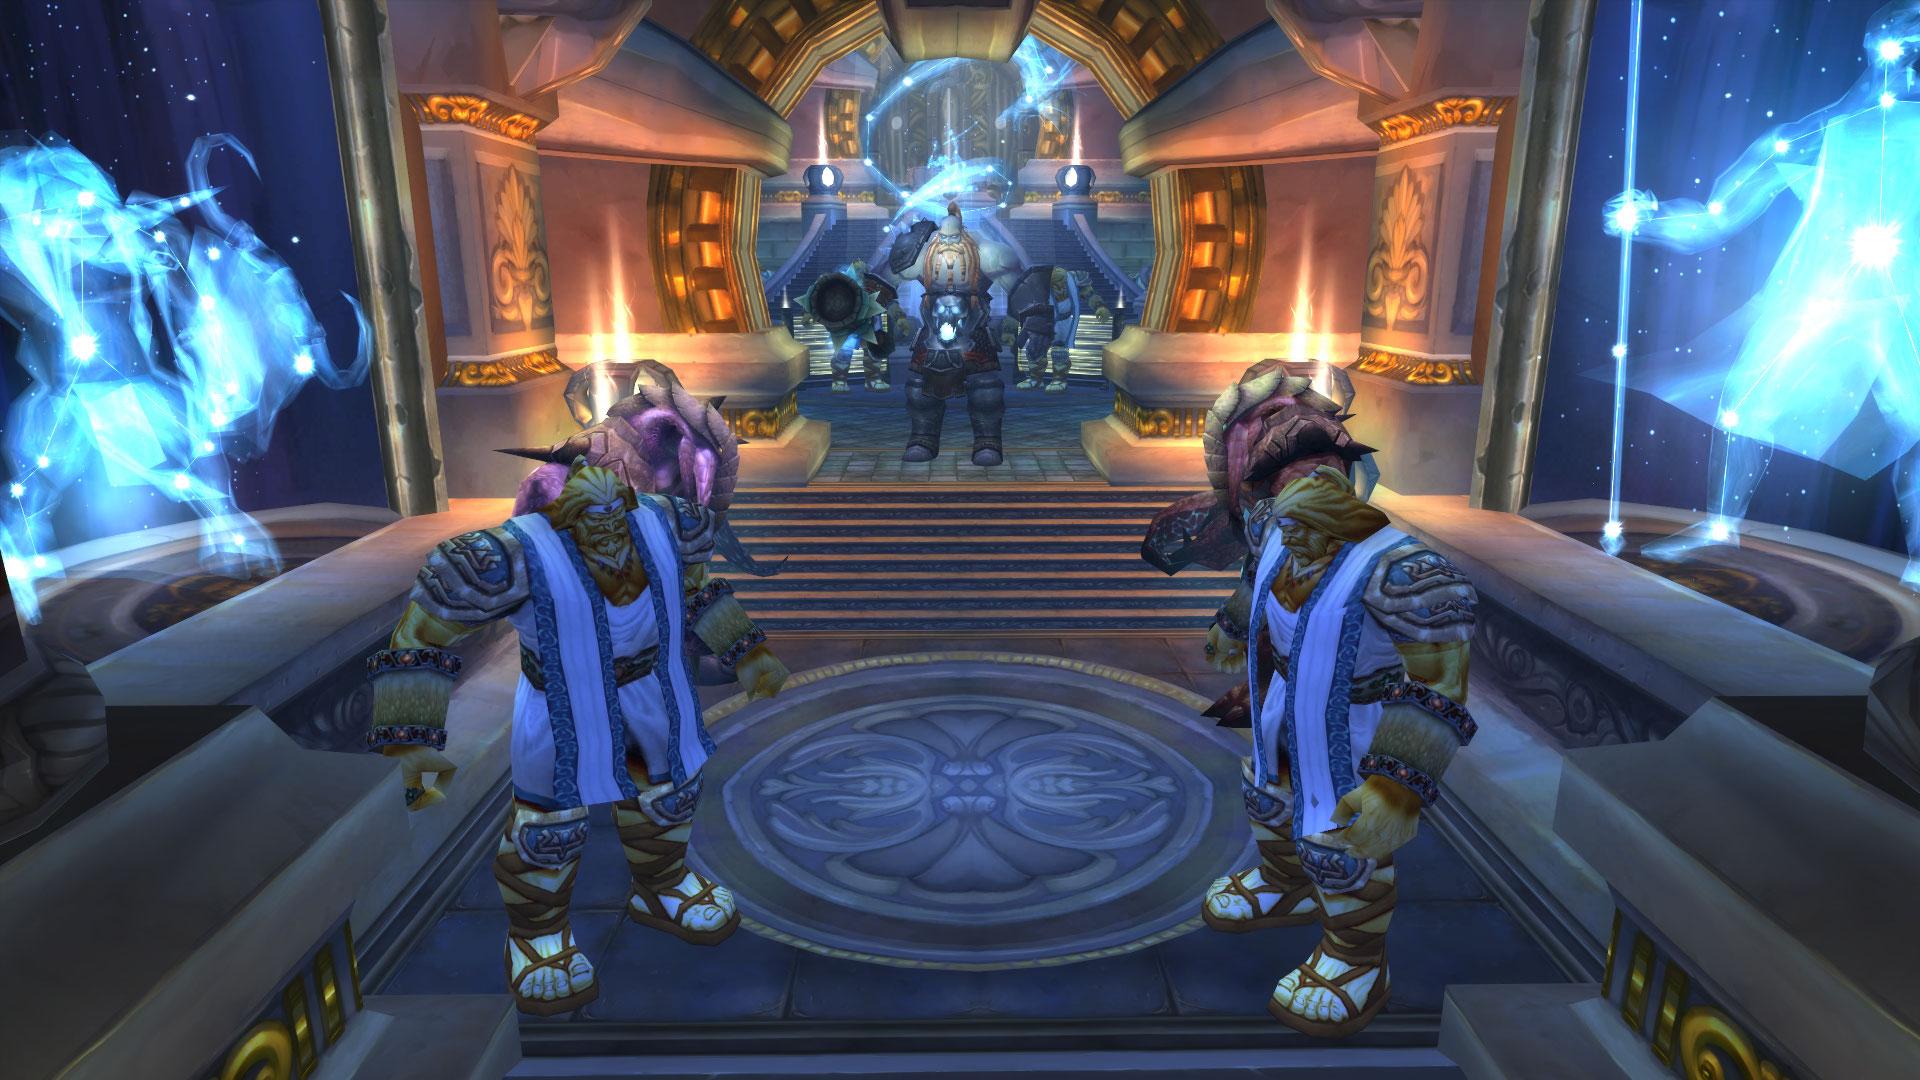 Как создавался World of Warcraft: взгляд изнутри на 20 лет разработки - 33